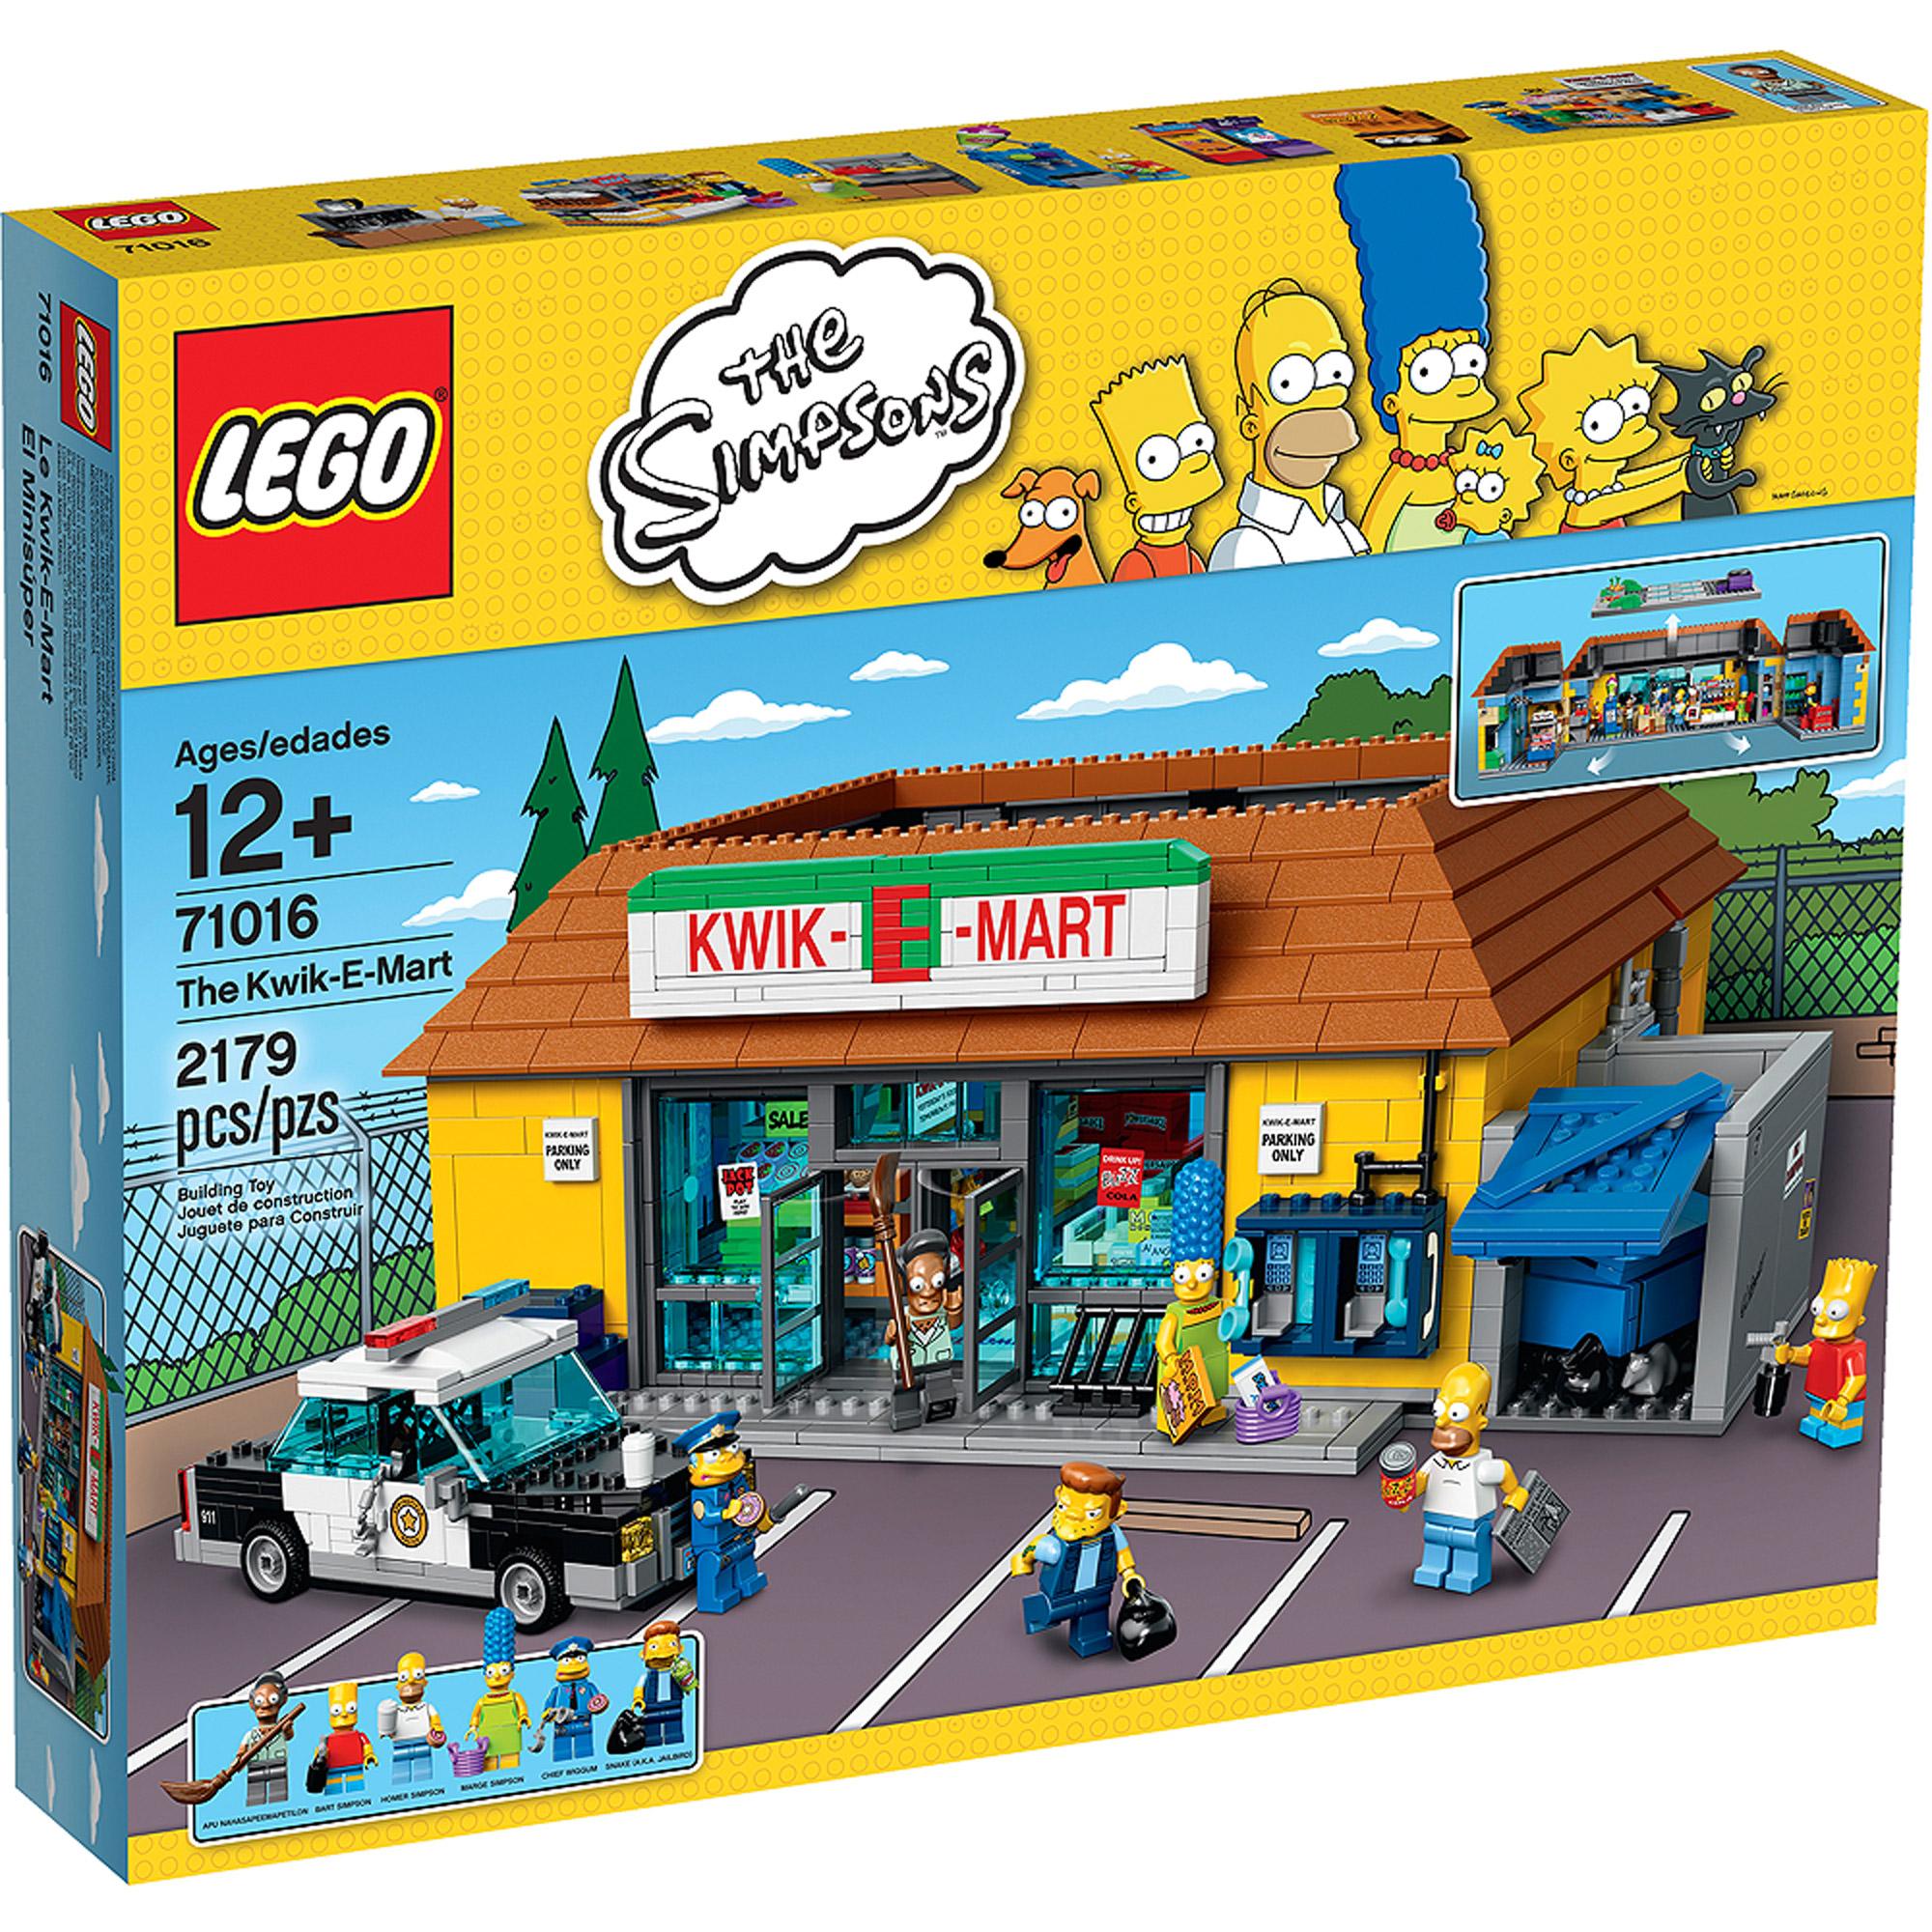 LEGO The Simpsons The Kwik-E-Mart